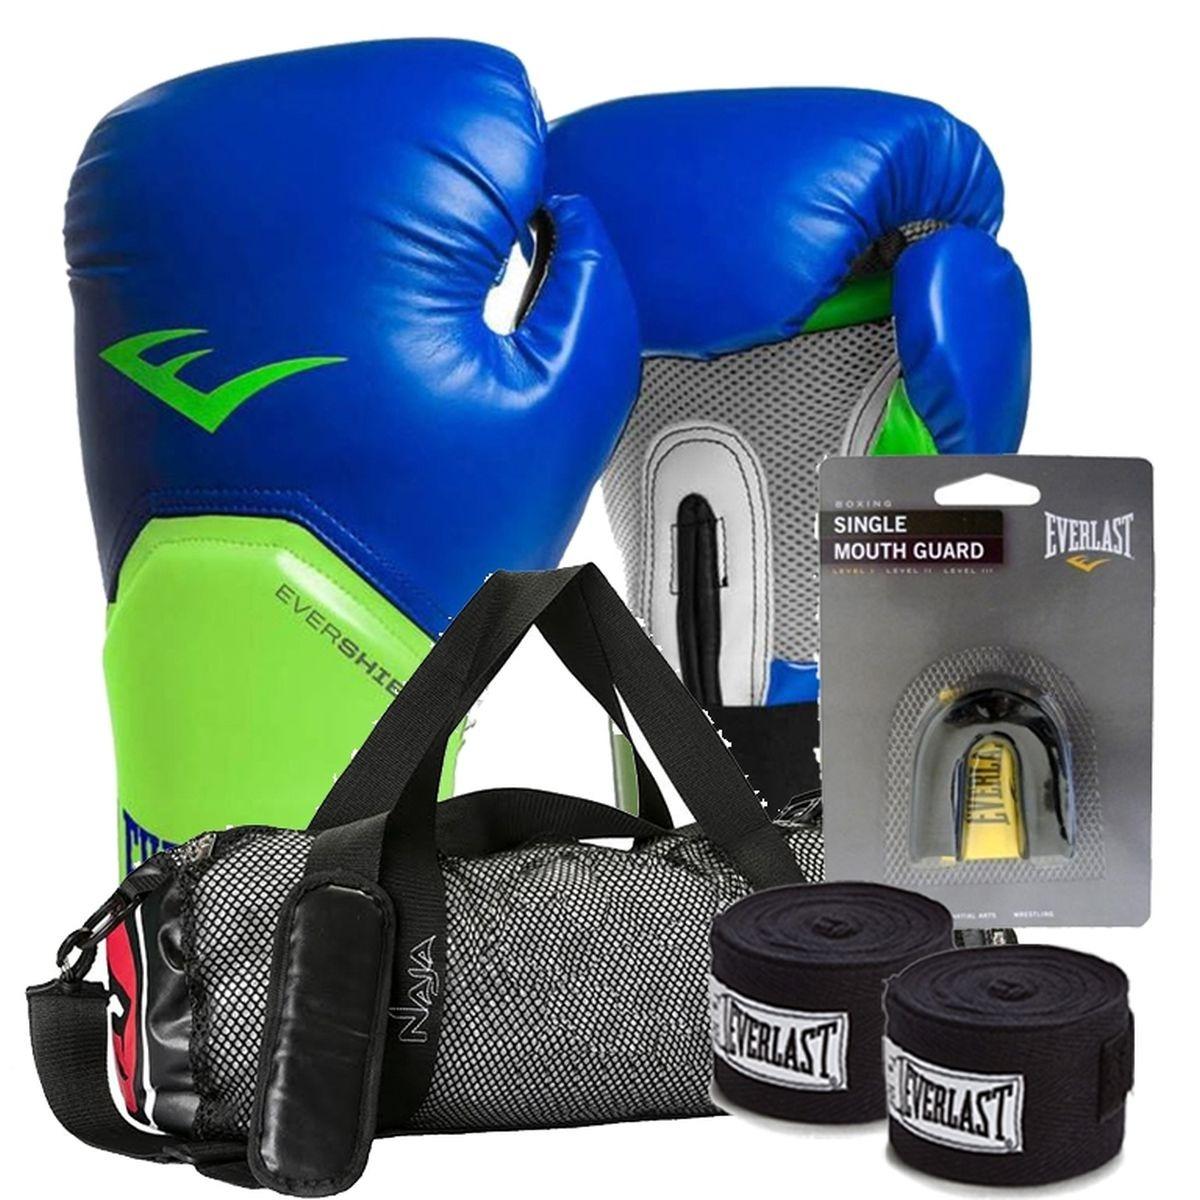 4f096fd4a kit boxe elite everlast + bolsa naja 12oz azul com verde. Carregando zoom.